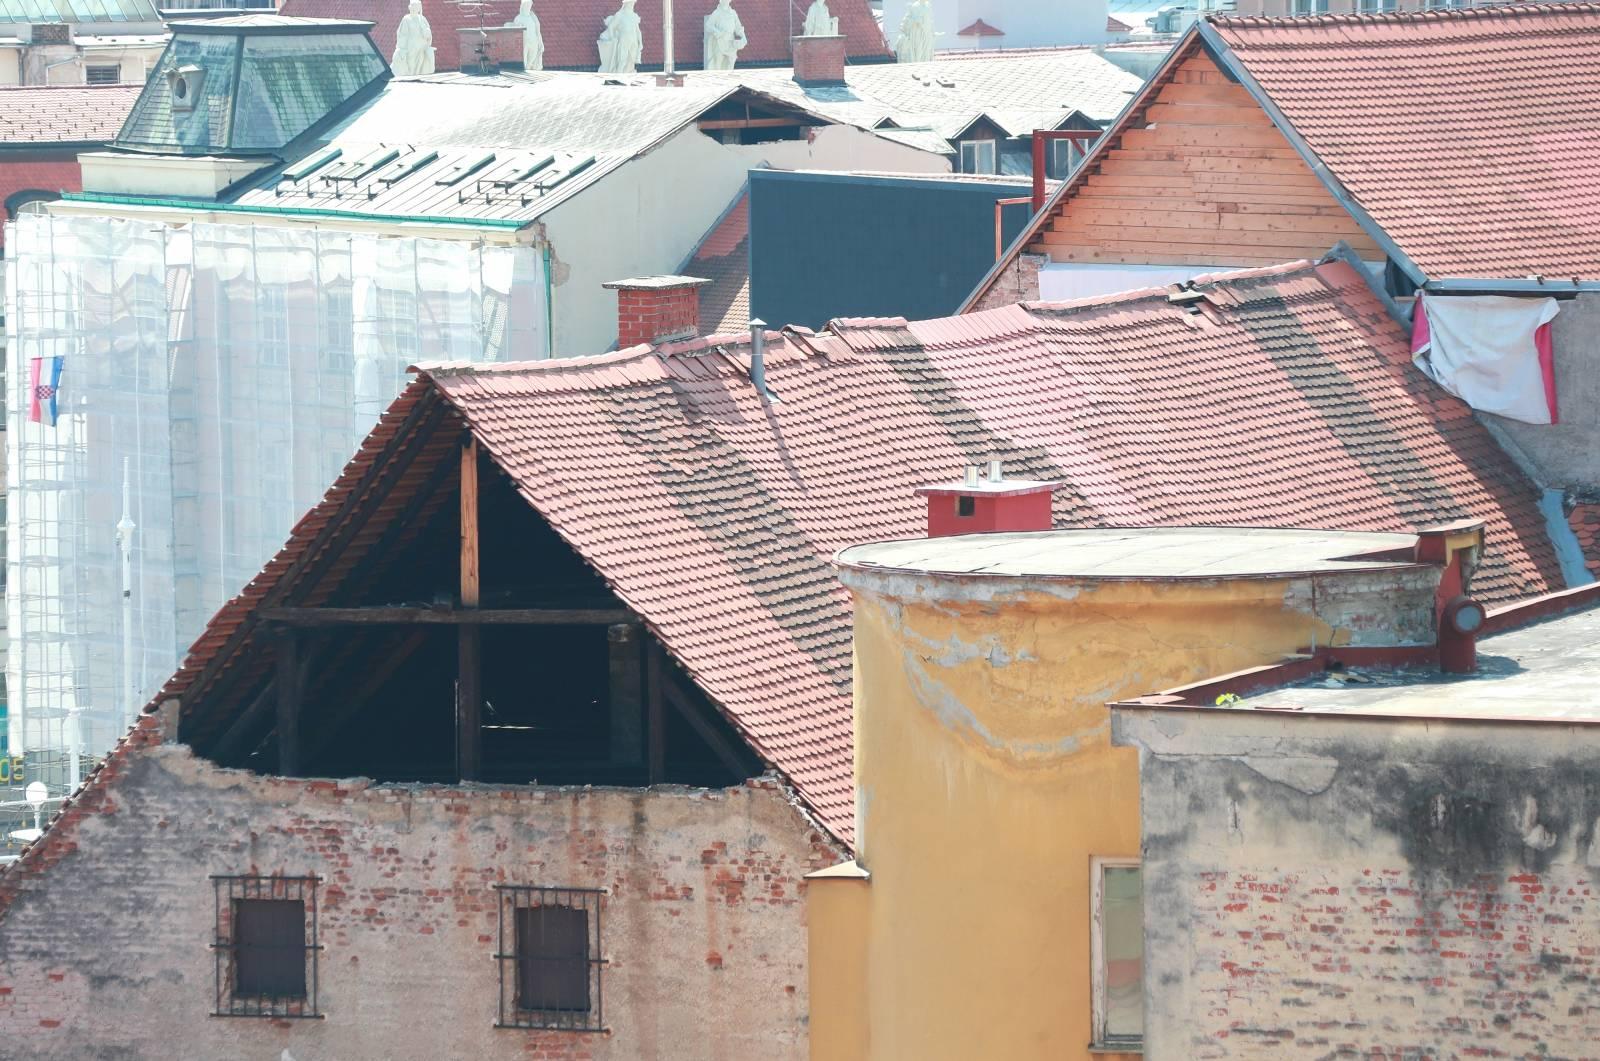 Zagreb: Pogled na krov koji je obložen samo s daskama i na krov koji još nije saniran od potresa